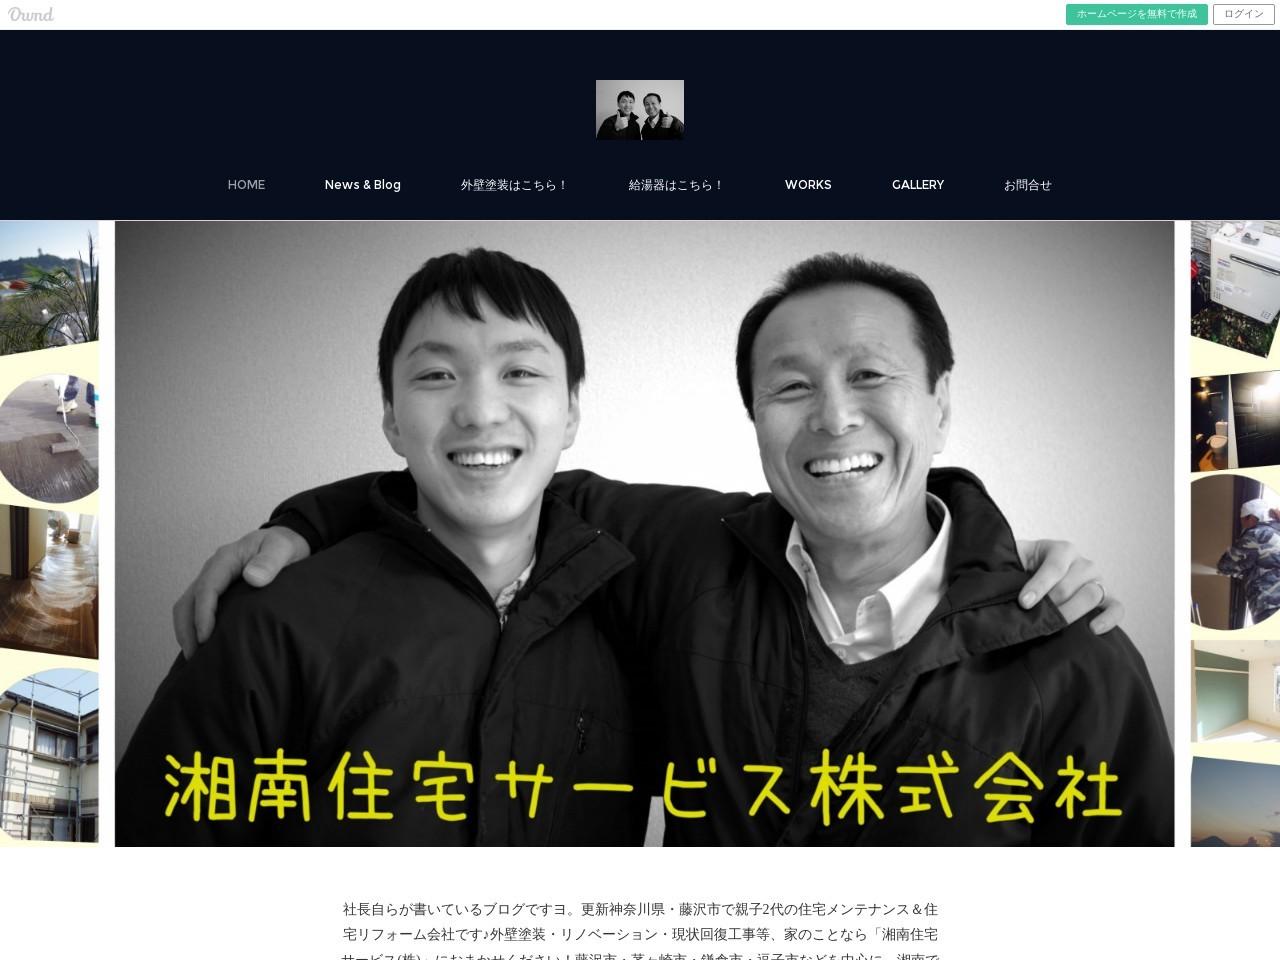 湘南住宅サービス株式会社